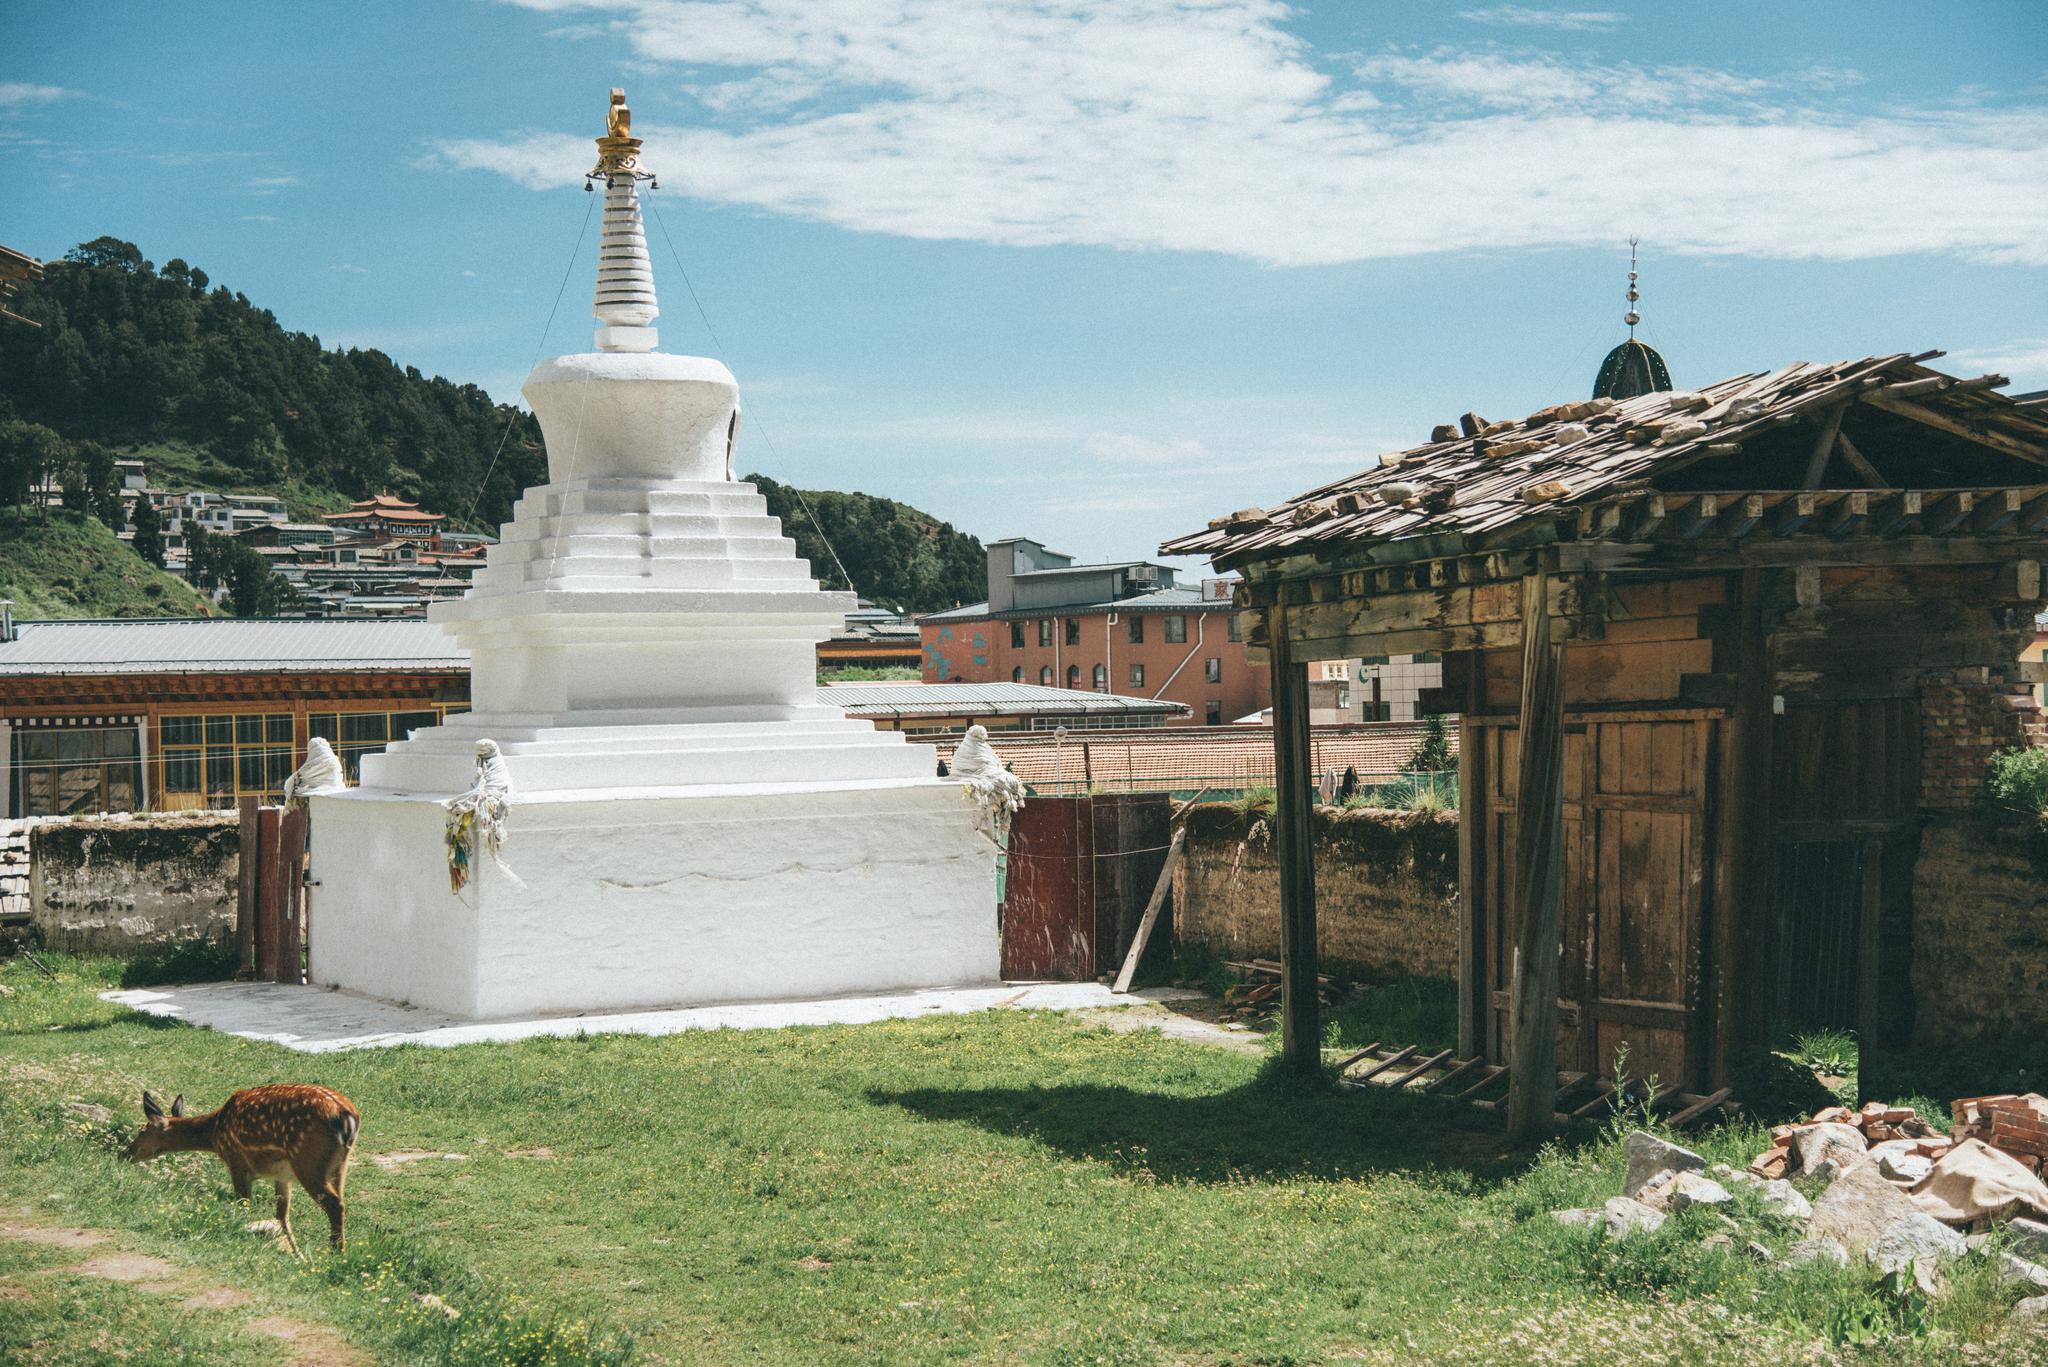 四川郎木寺,郎木寺镇一部分在四川,一部分在甘肃